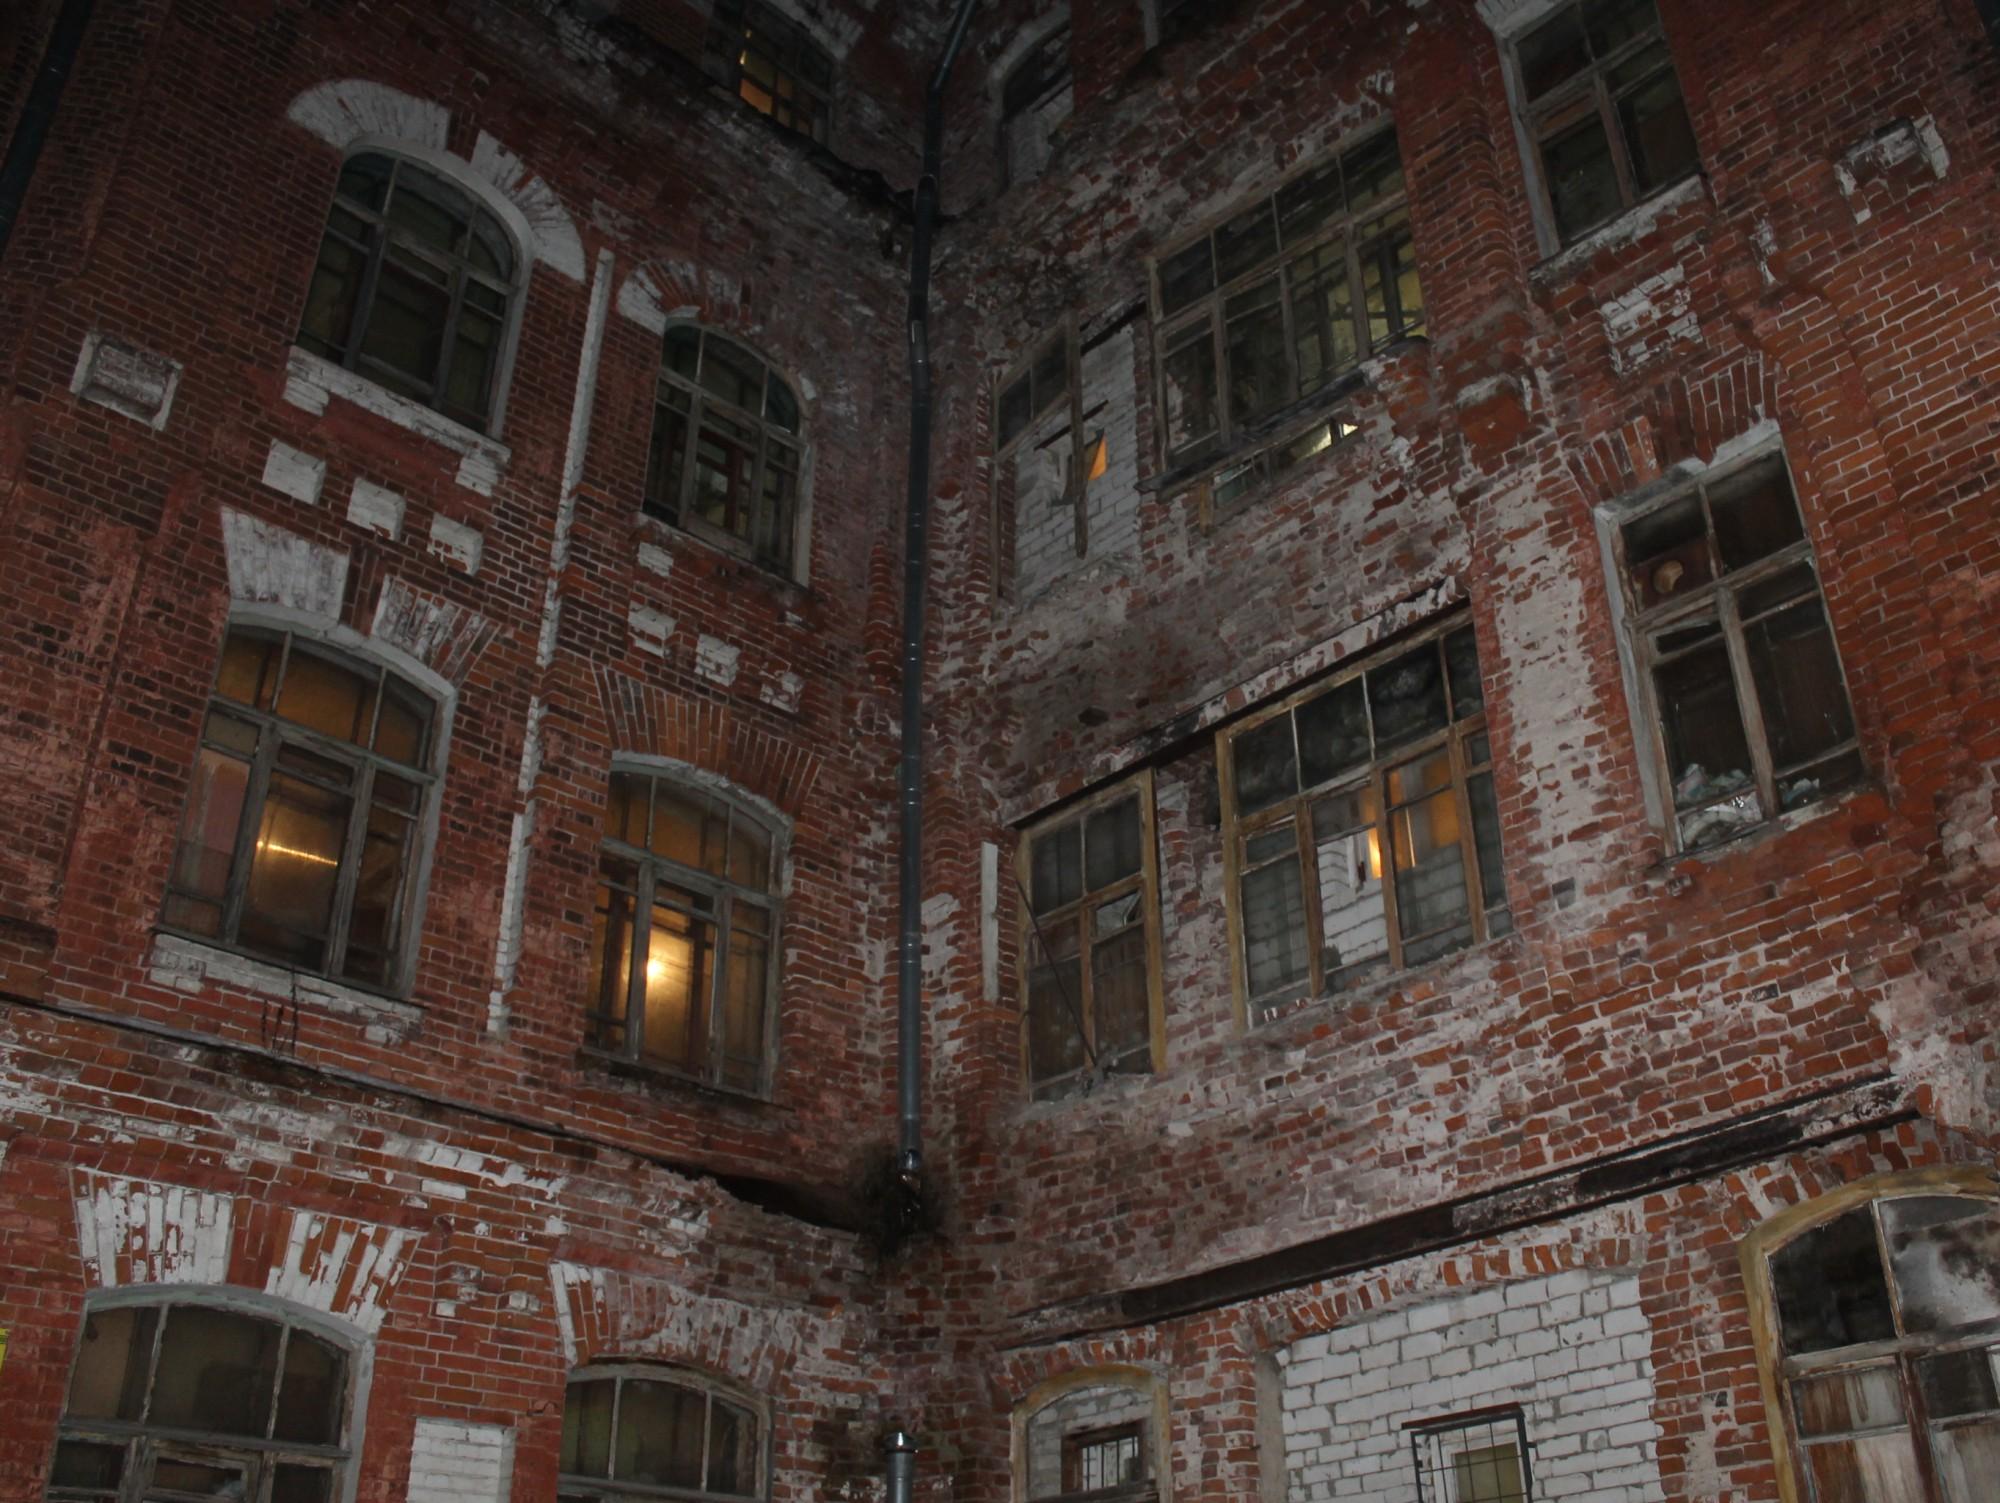 ВТвери обрушилась часть стены жилого дома